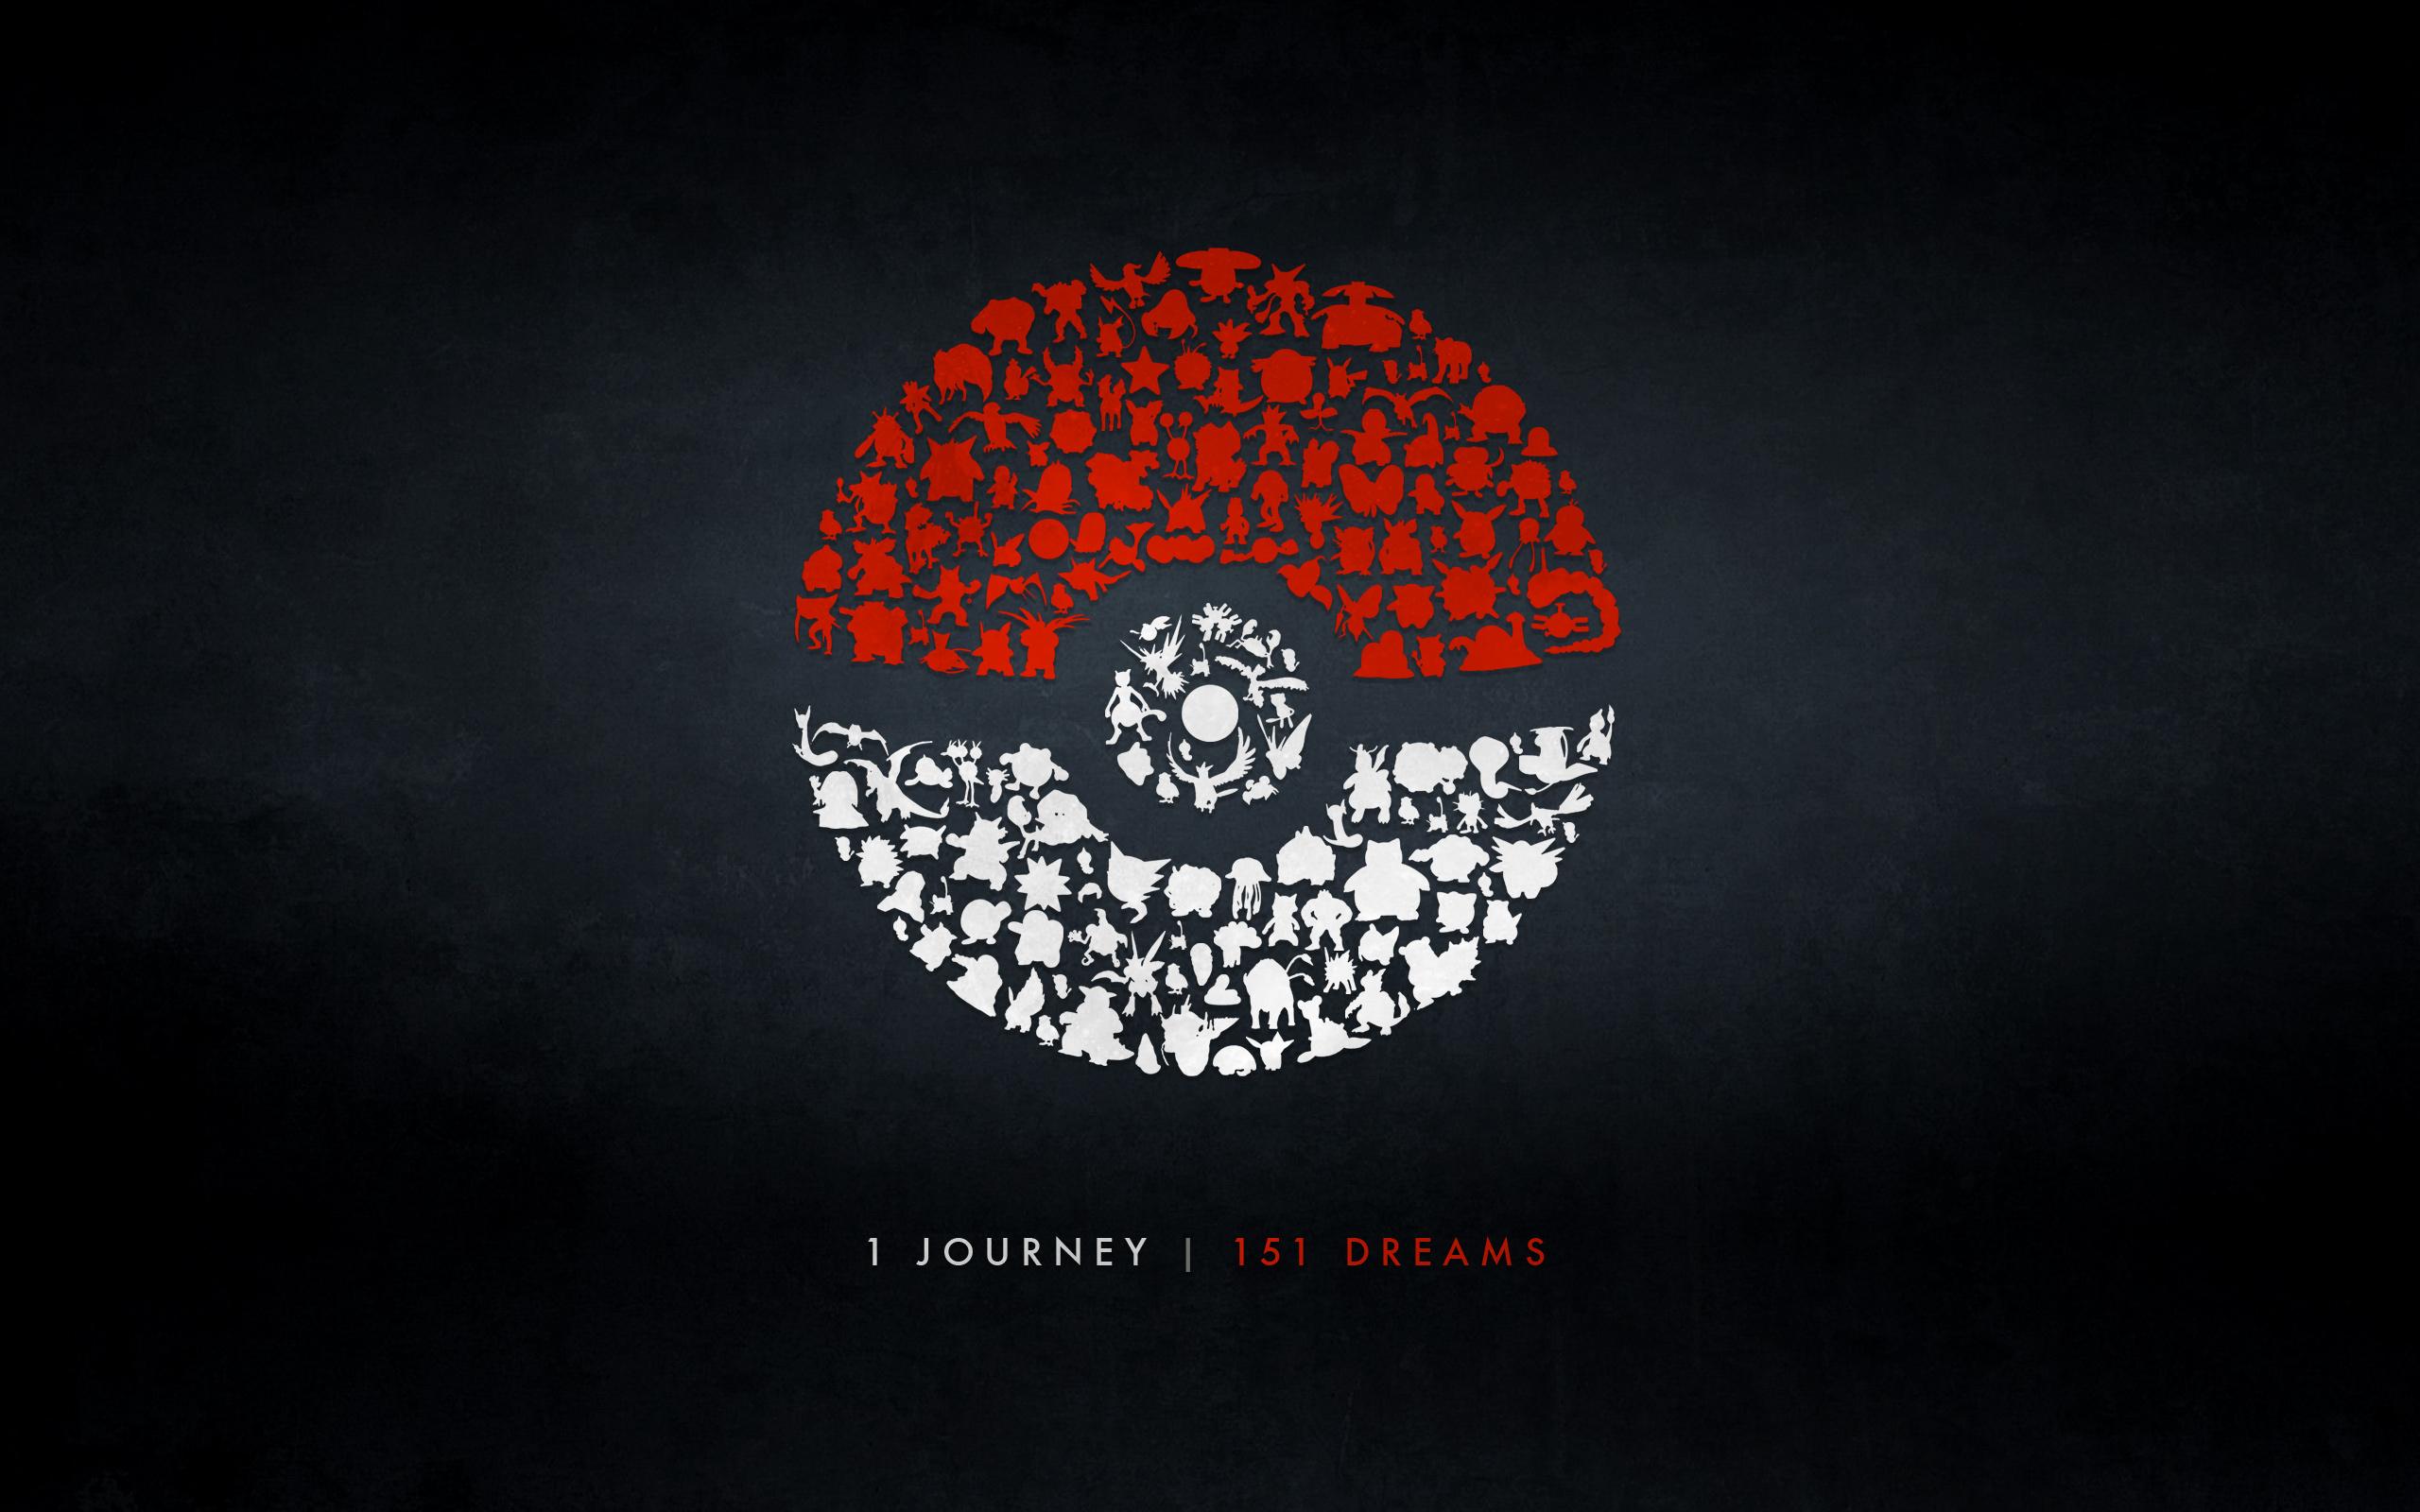 Wallpaper HD Pokemon